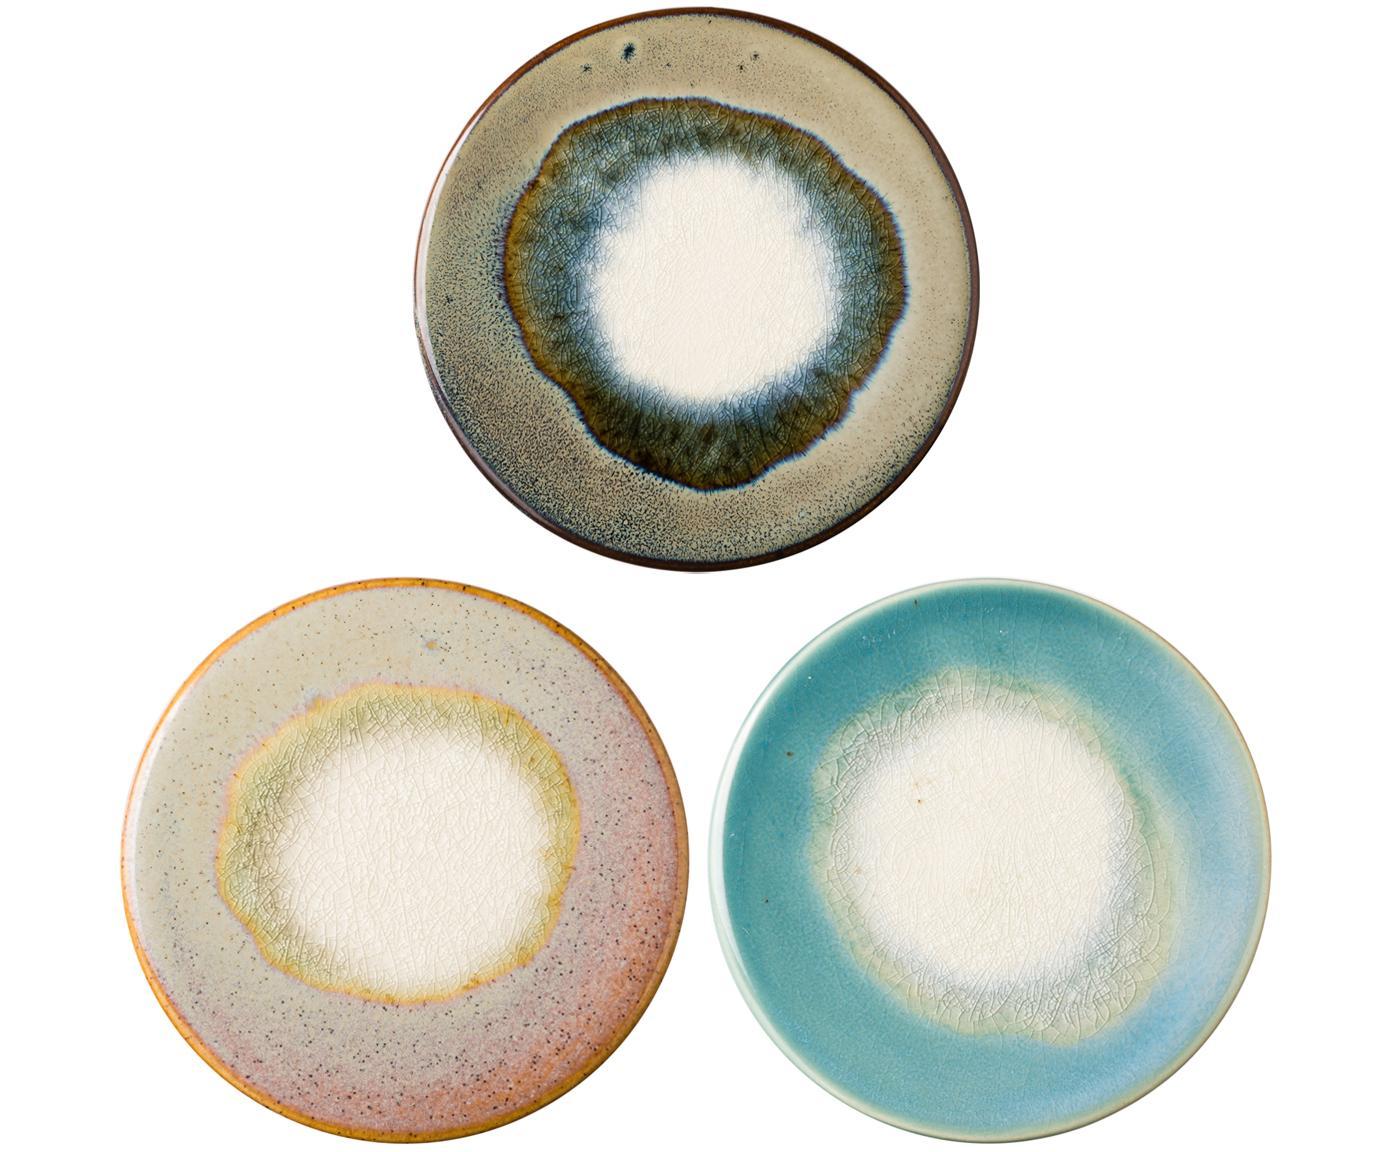 Onderzetter set Felicitas, 3-delig., Onderzijde: kurk, Blauwtinten, bruintinten, rozetinten, groentinten, Ø 11 x H 1 cm